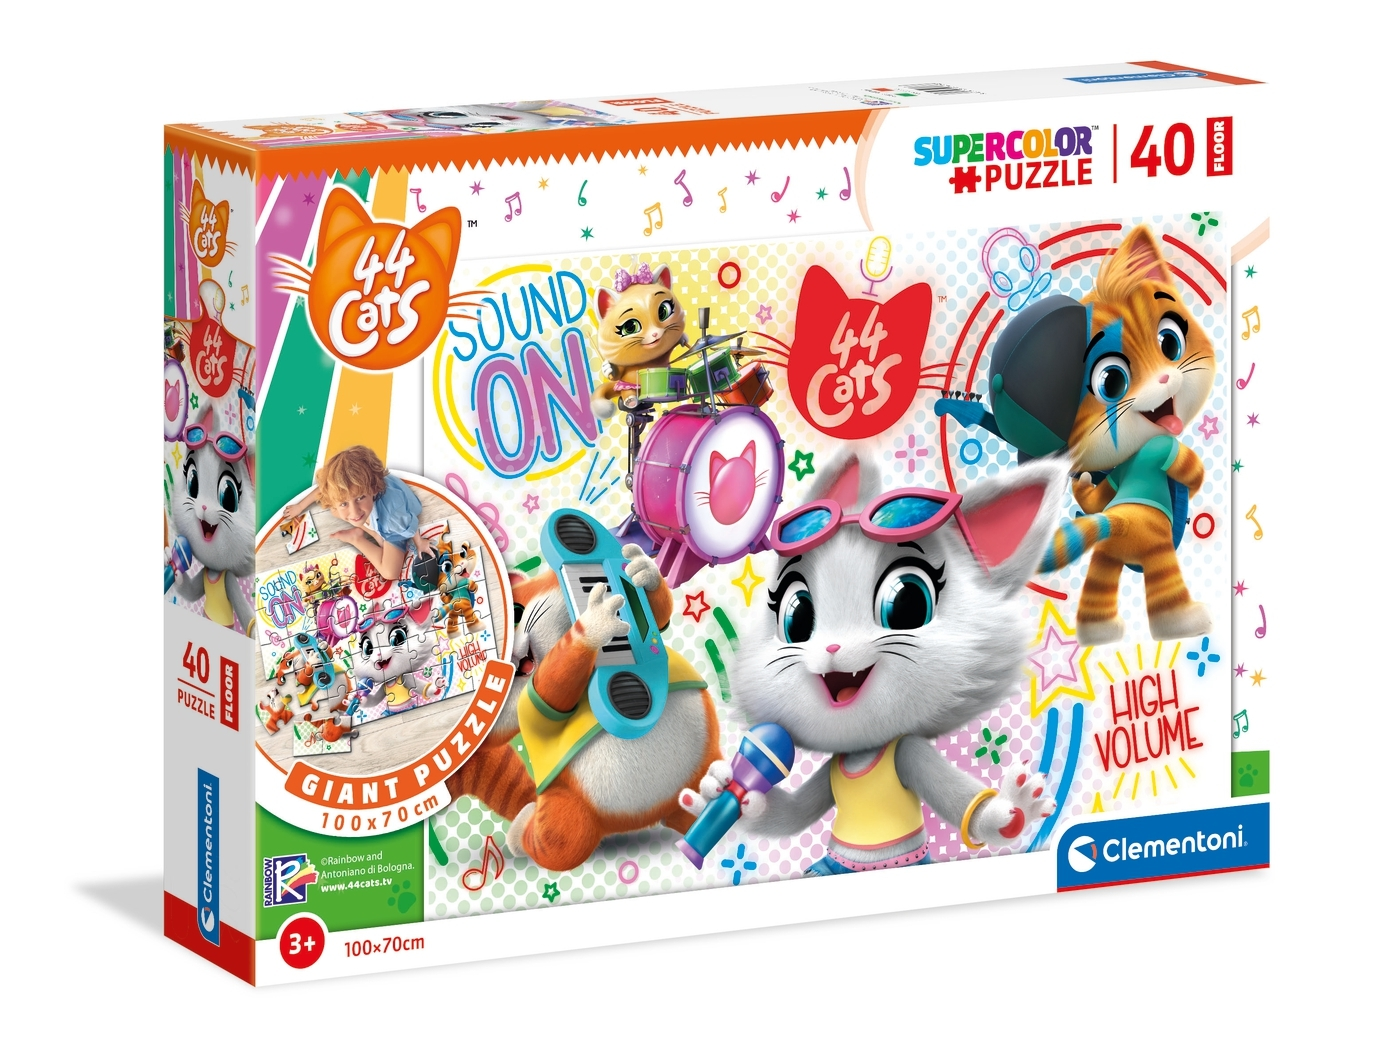 Puzzle podłogowe SuperColor 40: 44 cats (25466)